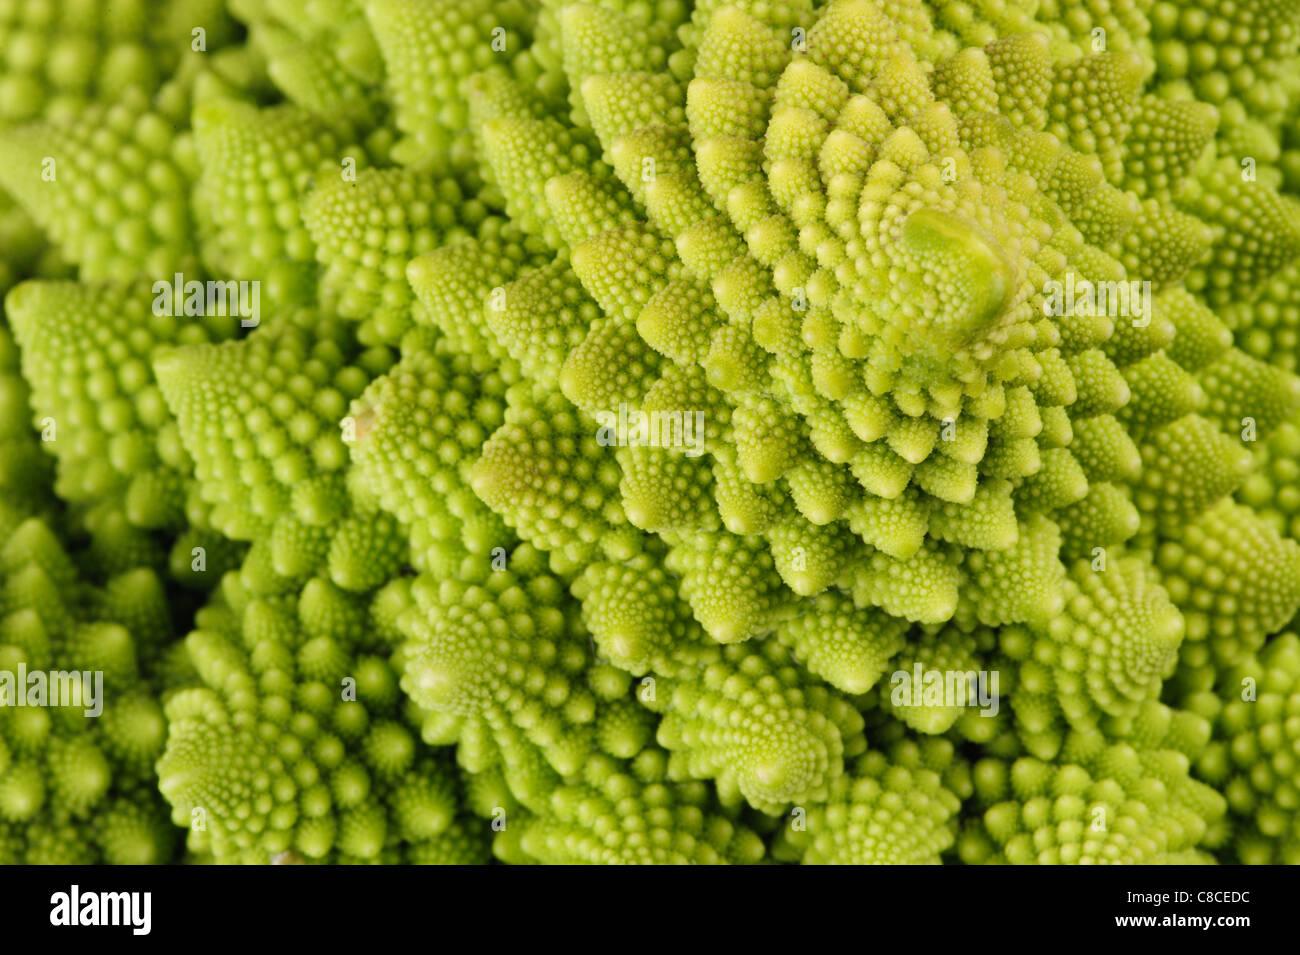 Cerca de una coliflor, naturalezas románico propios fractales. Imagen De Stock